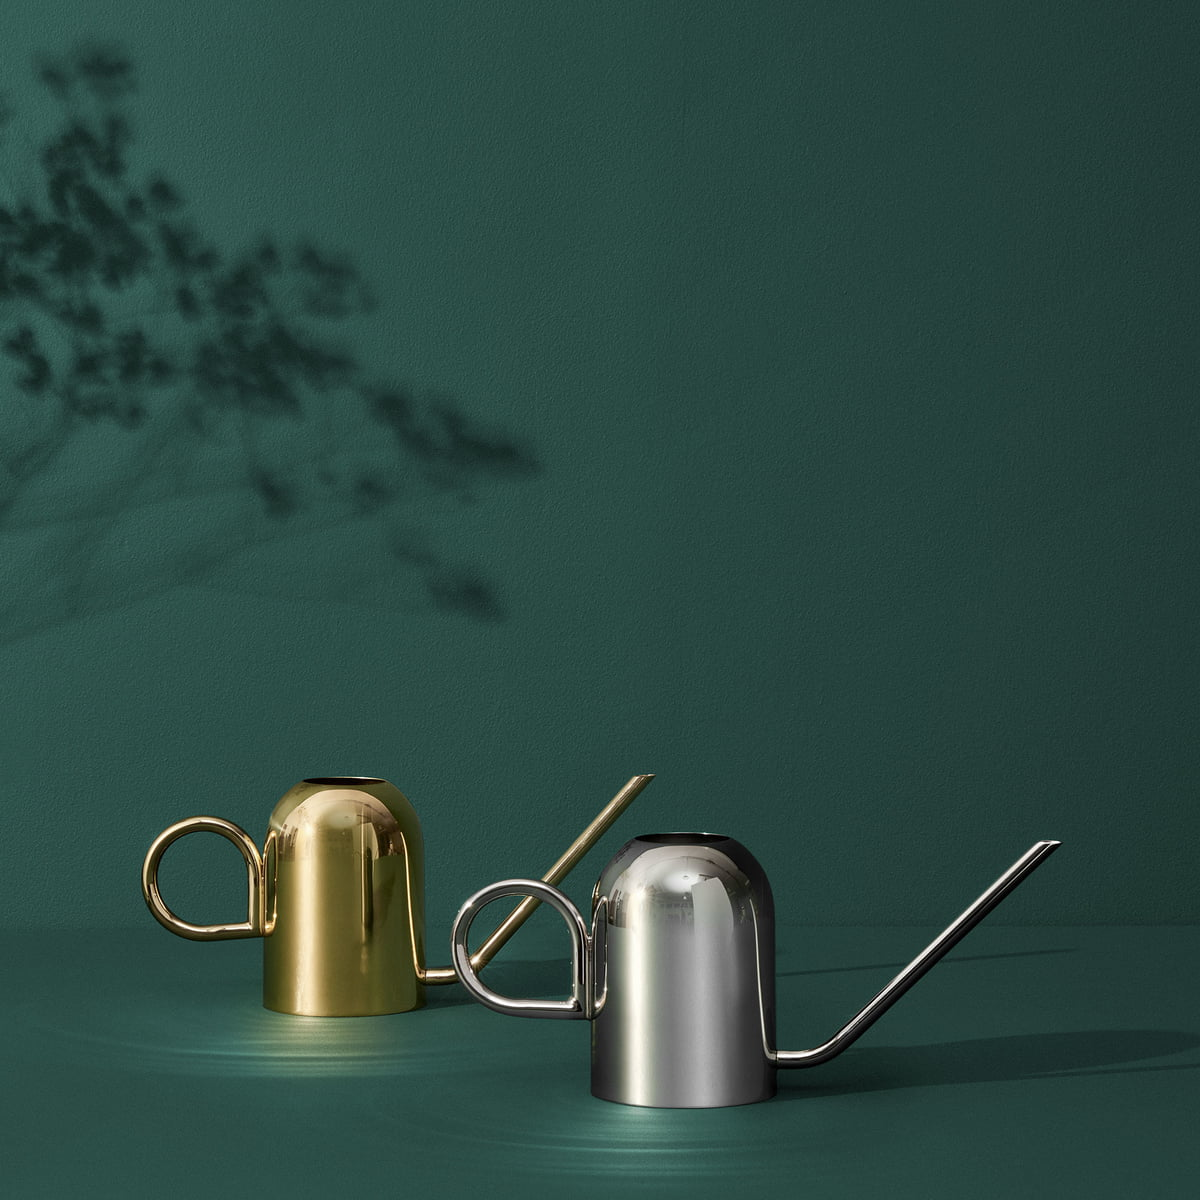 AYTM Vivero arrosoir ergonomique scandinave or déco table décoratif doré argent métal zinc